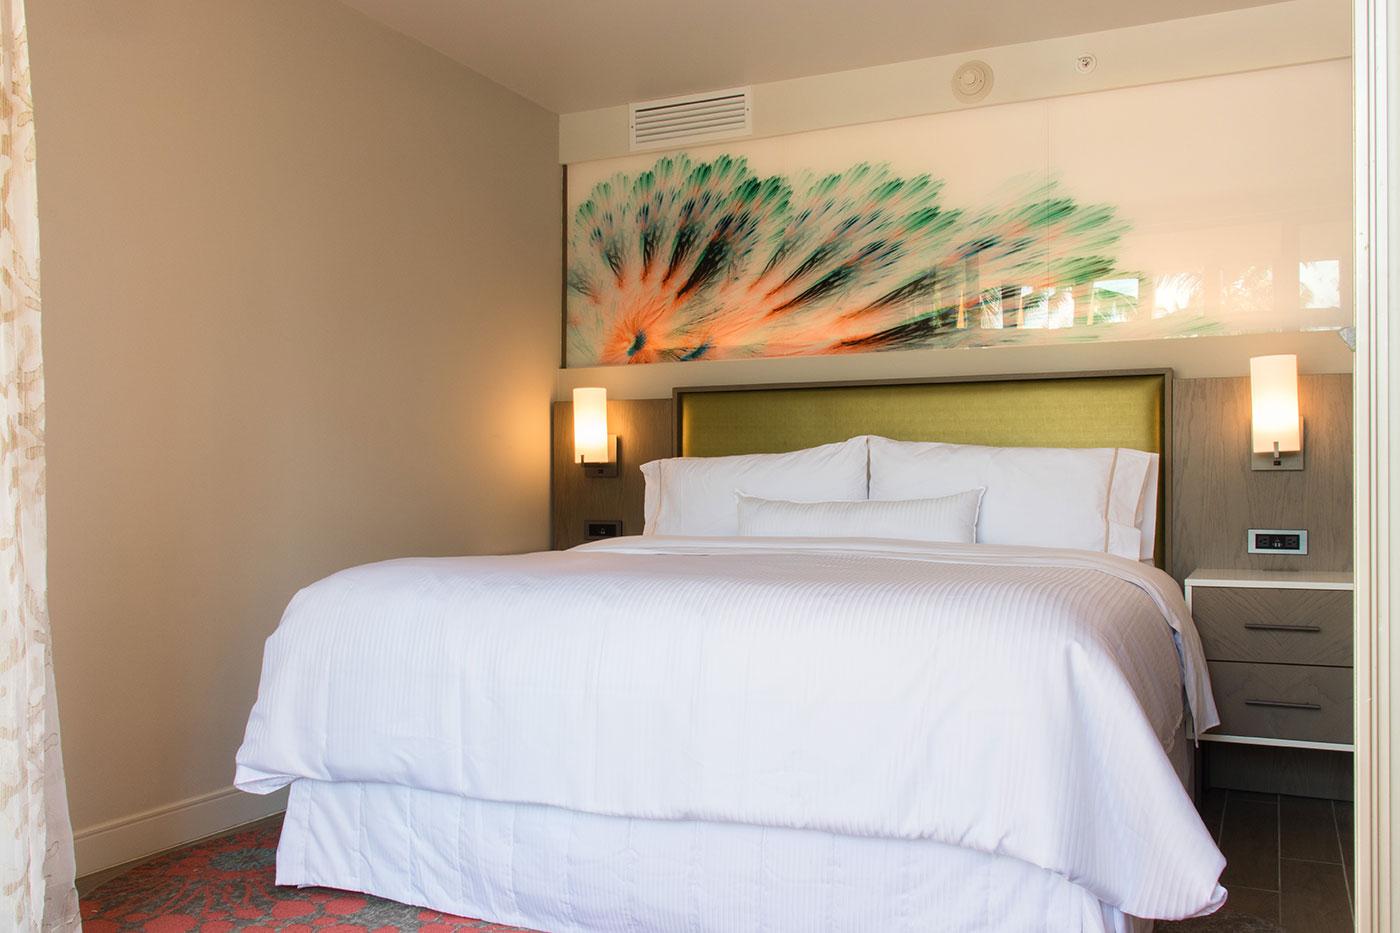 Proyectos SPAD Constructora, Remodelación de habitaciones Westin, Cama decoración, Diseño de Interiores, Arquitectura, Puerto Vallarta, Jalisco, México